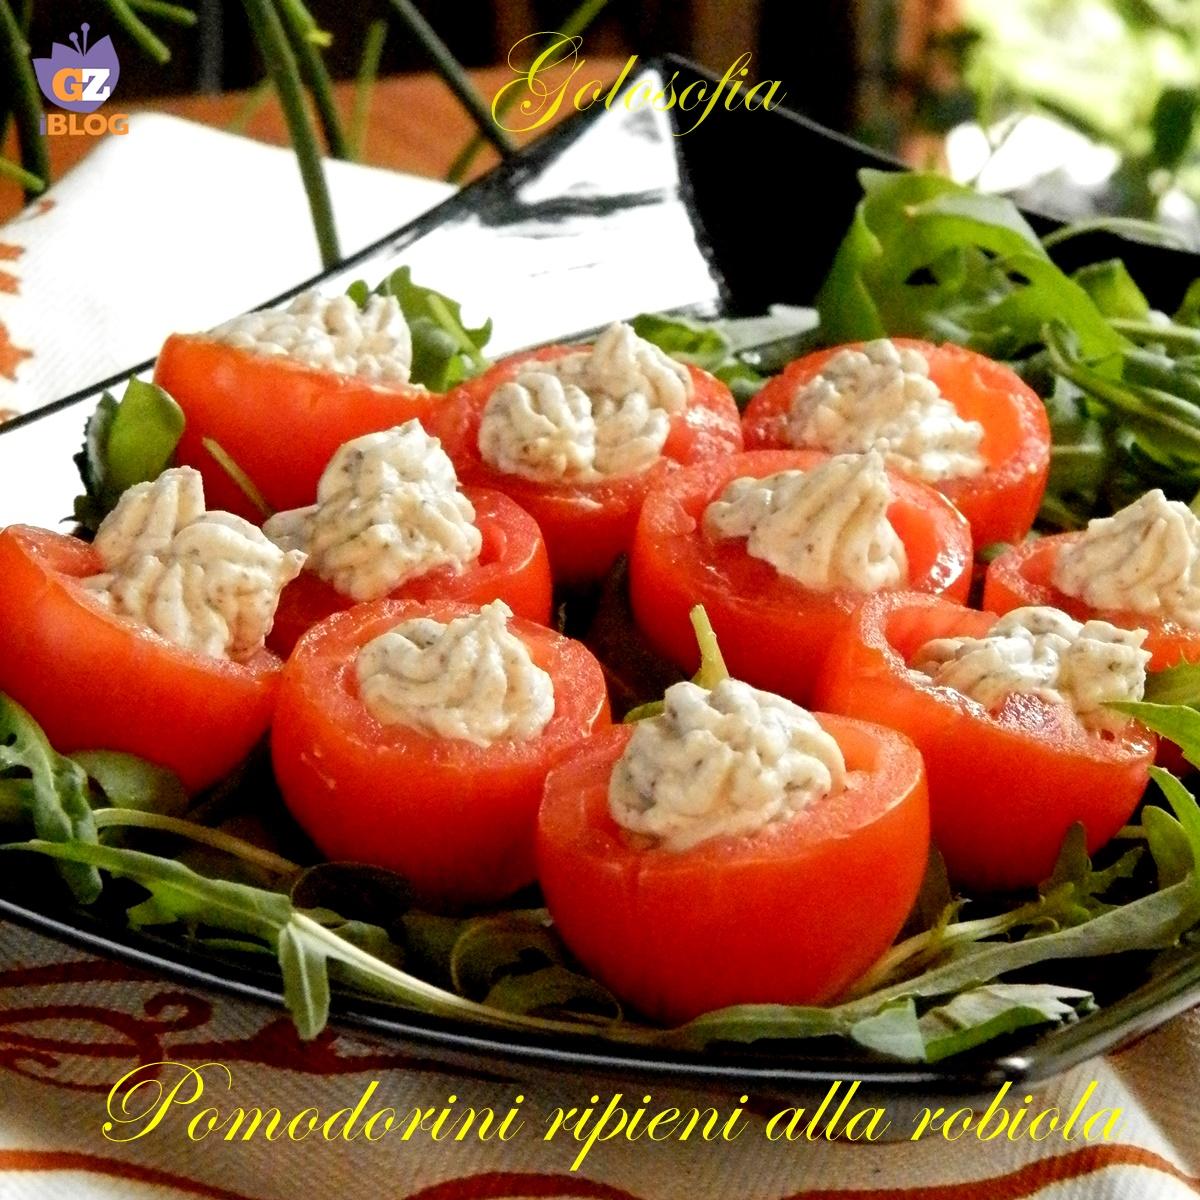 Pomodorini ripieni alla robiola-ricetta antipasti-golosofia